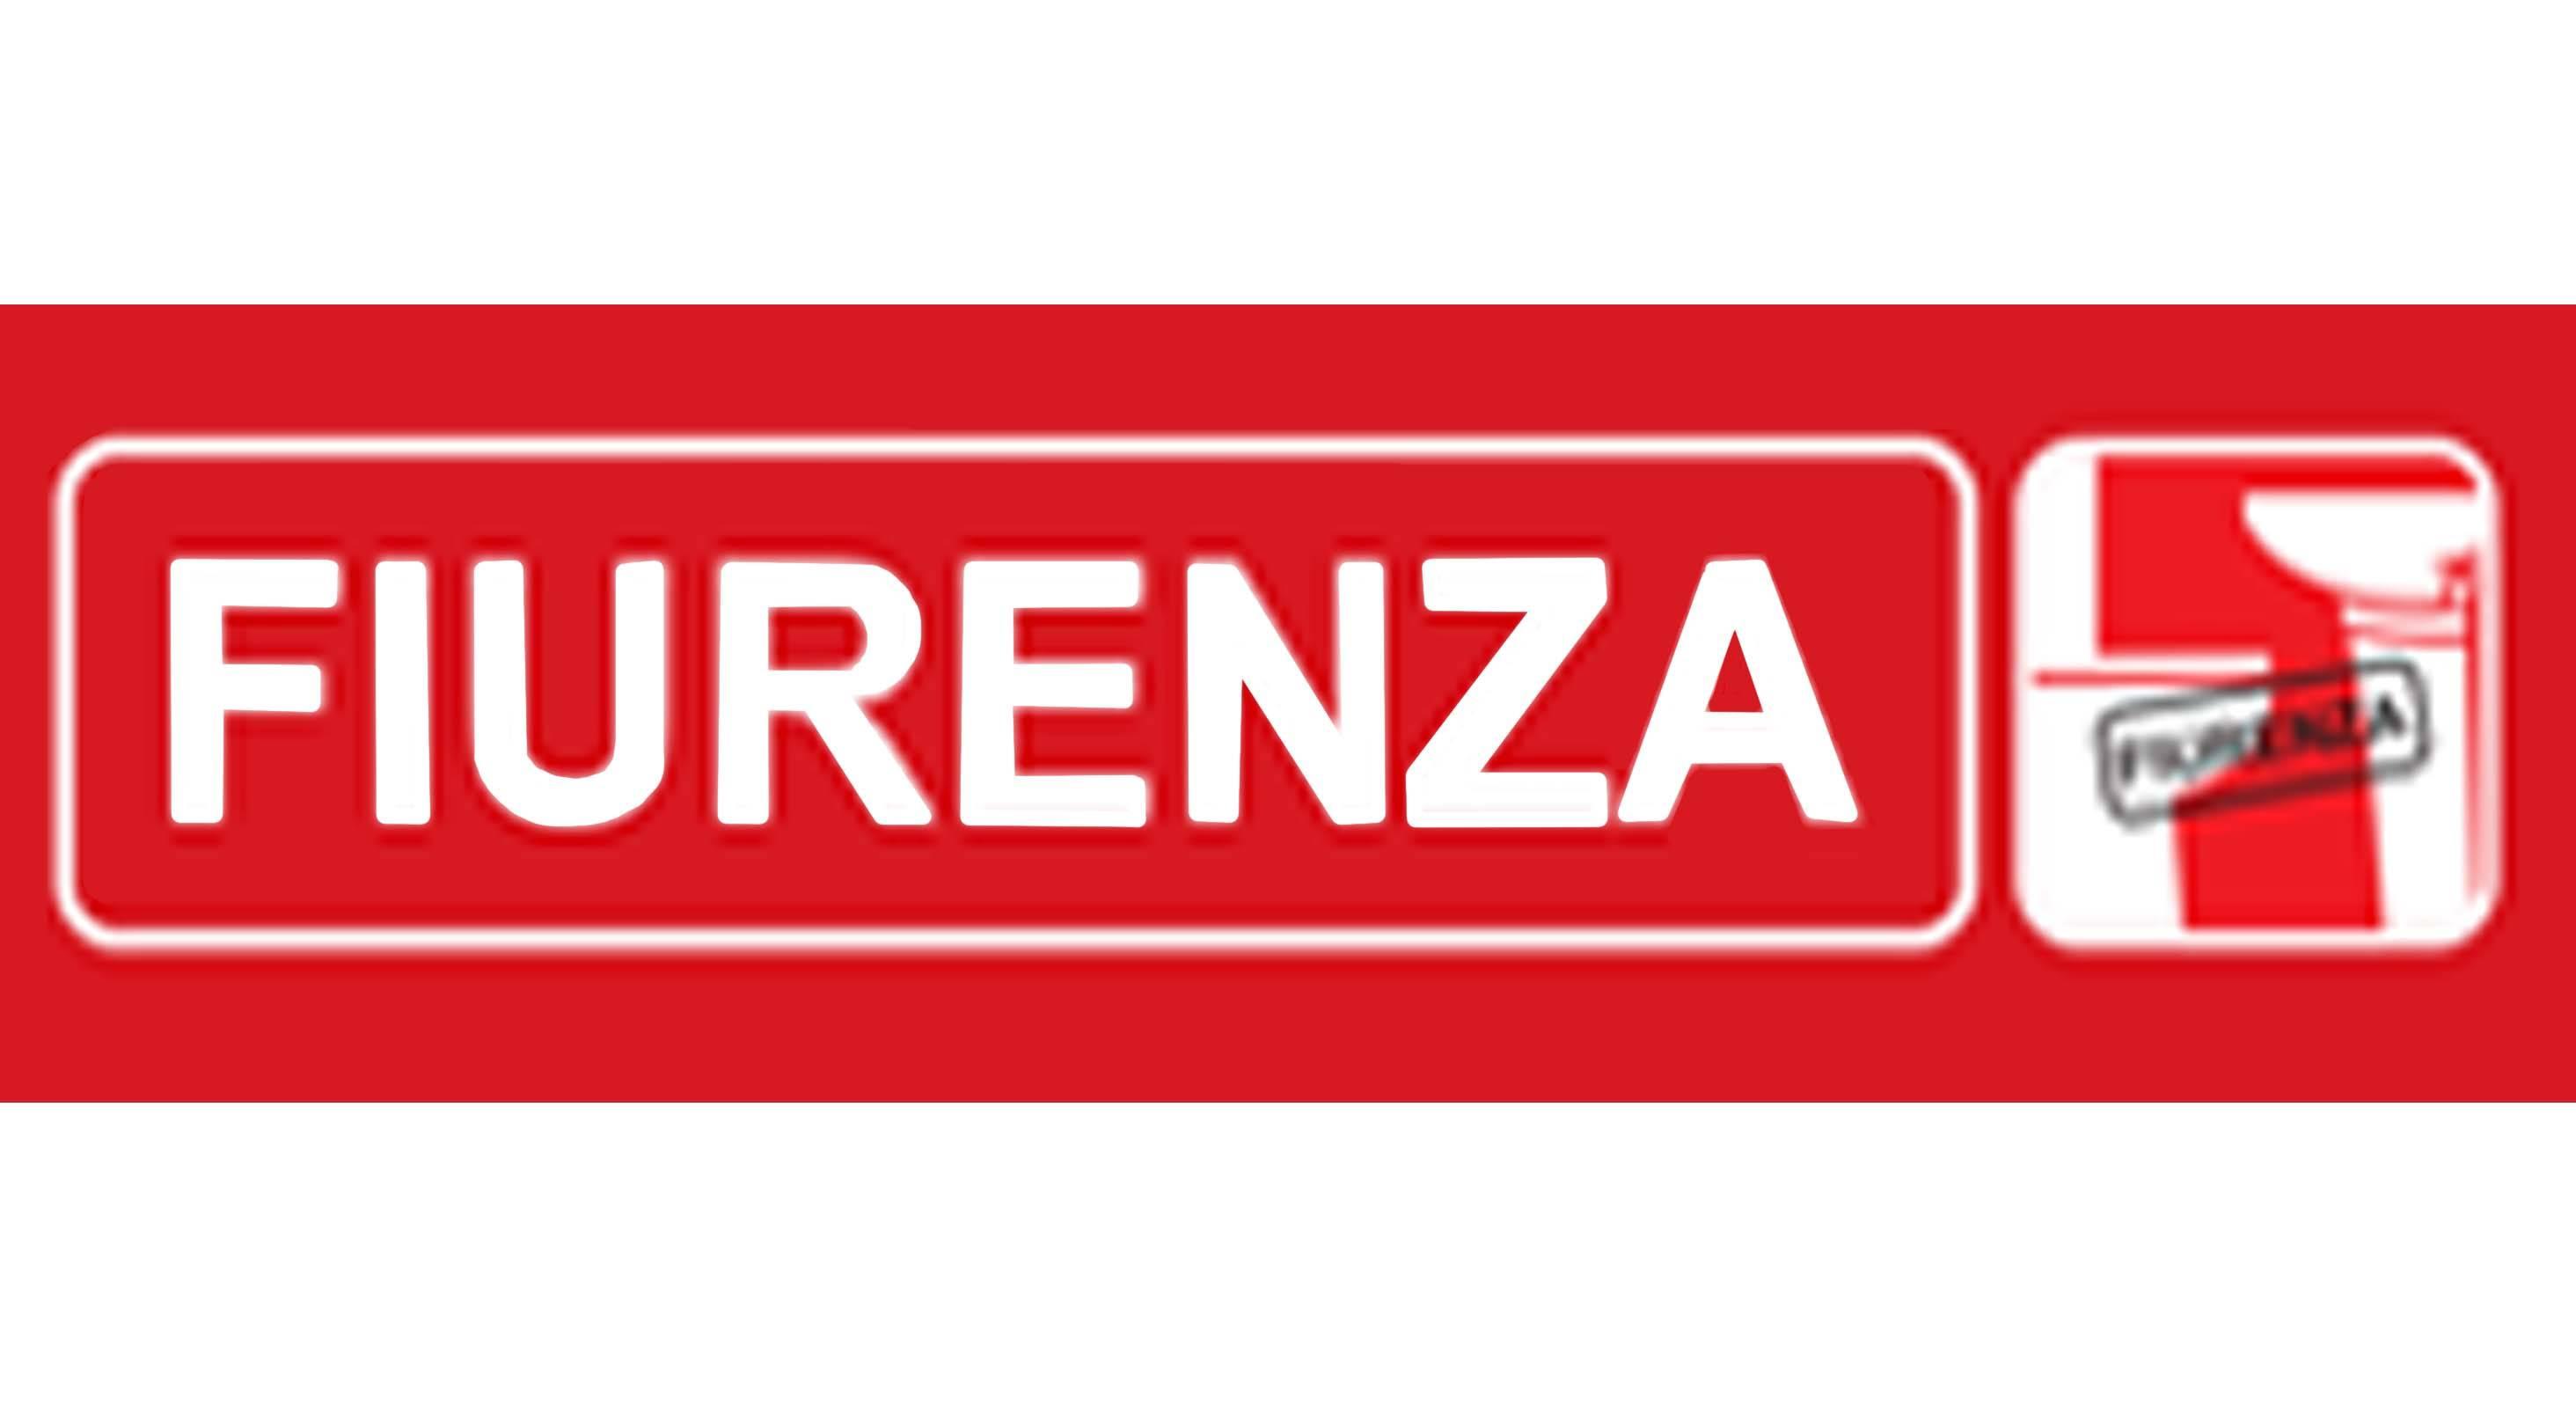 Fiurenza